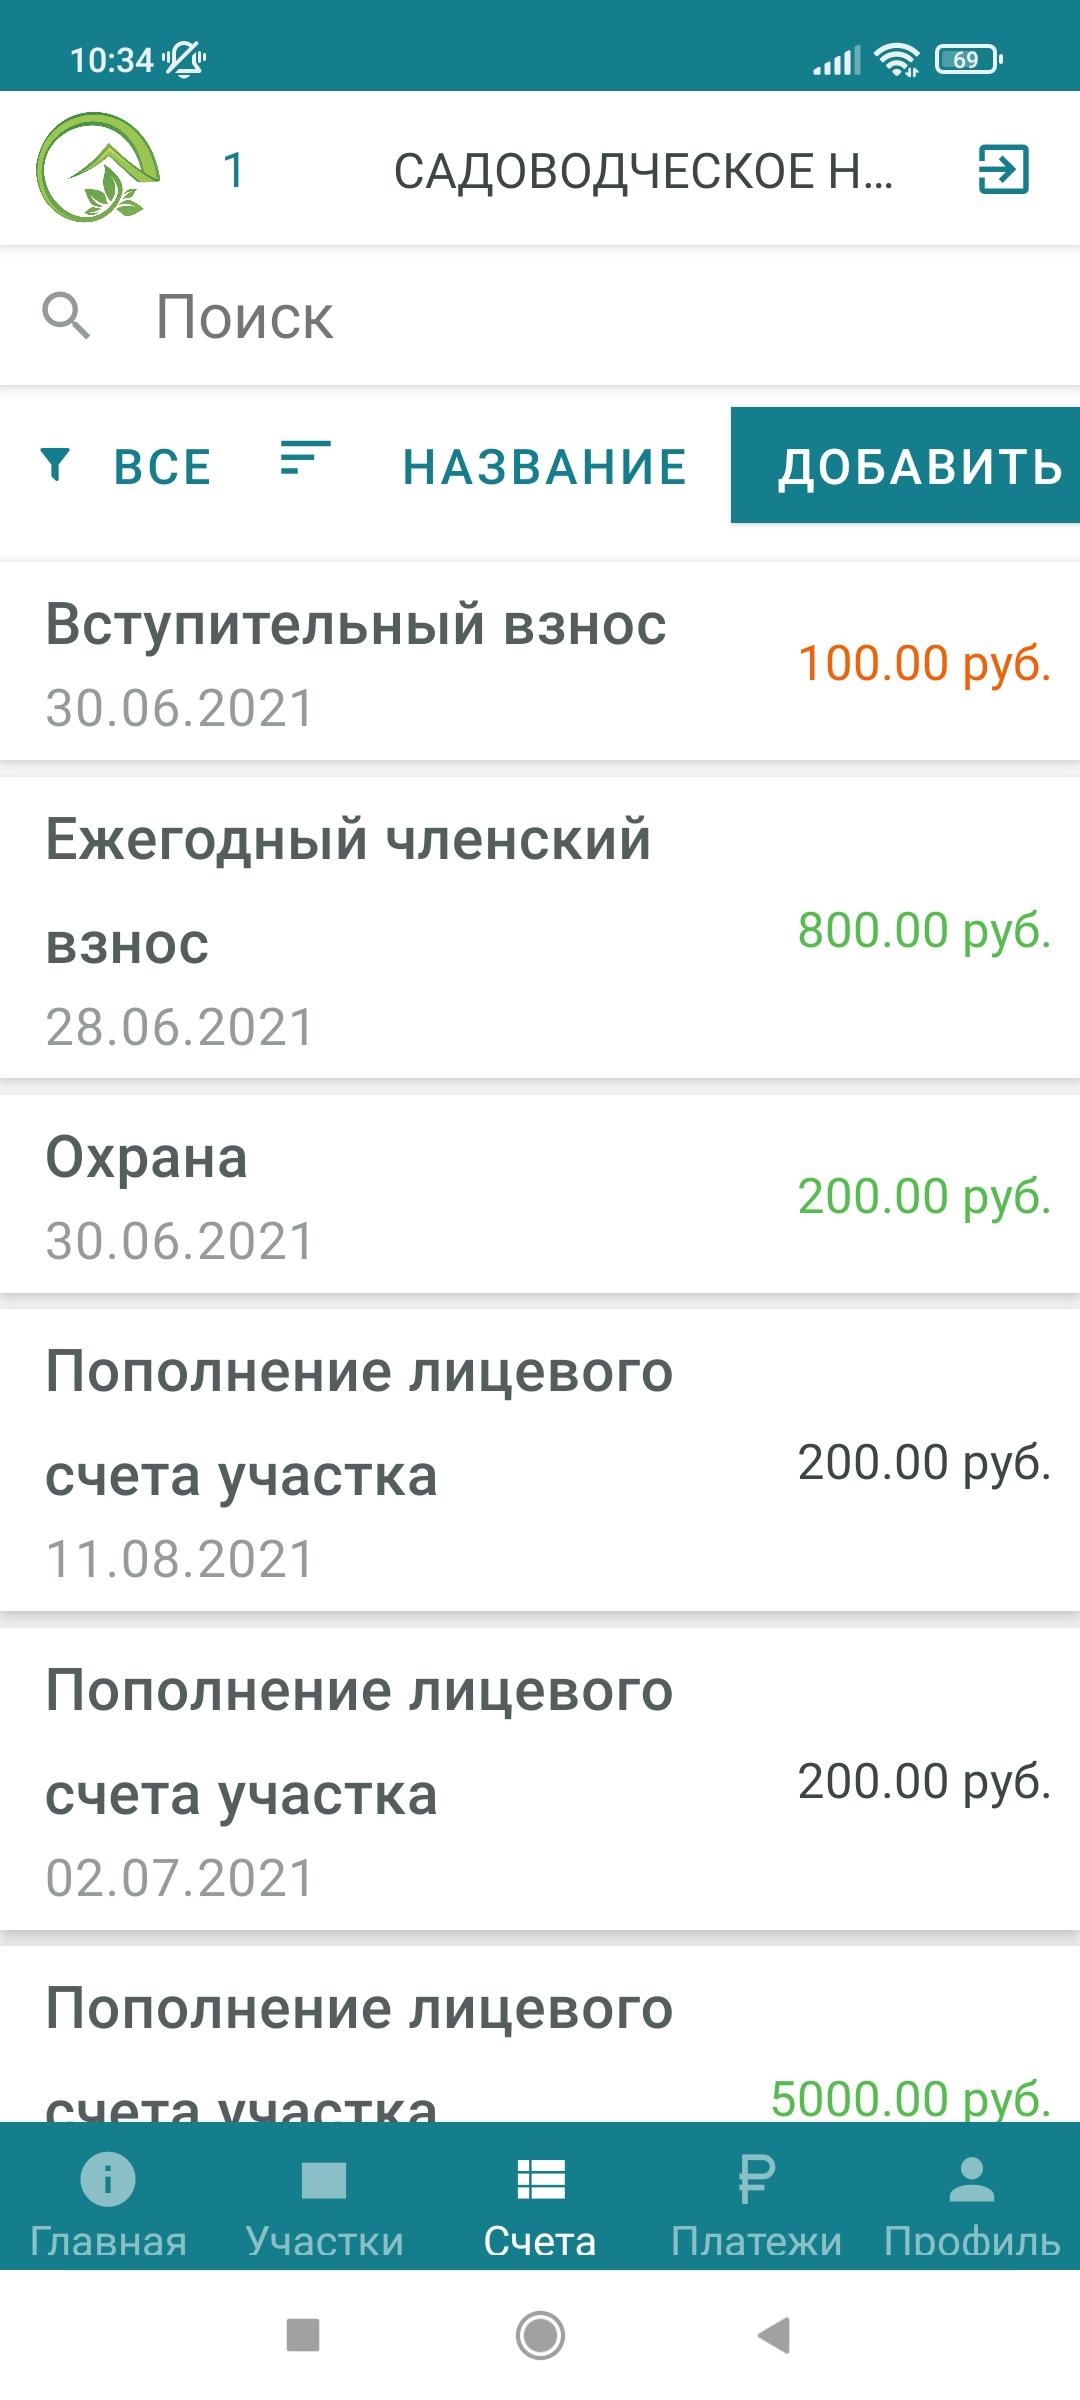 Раздел счетов в мобильном приложении